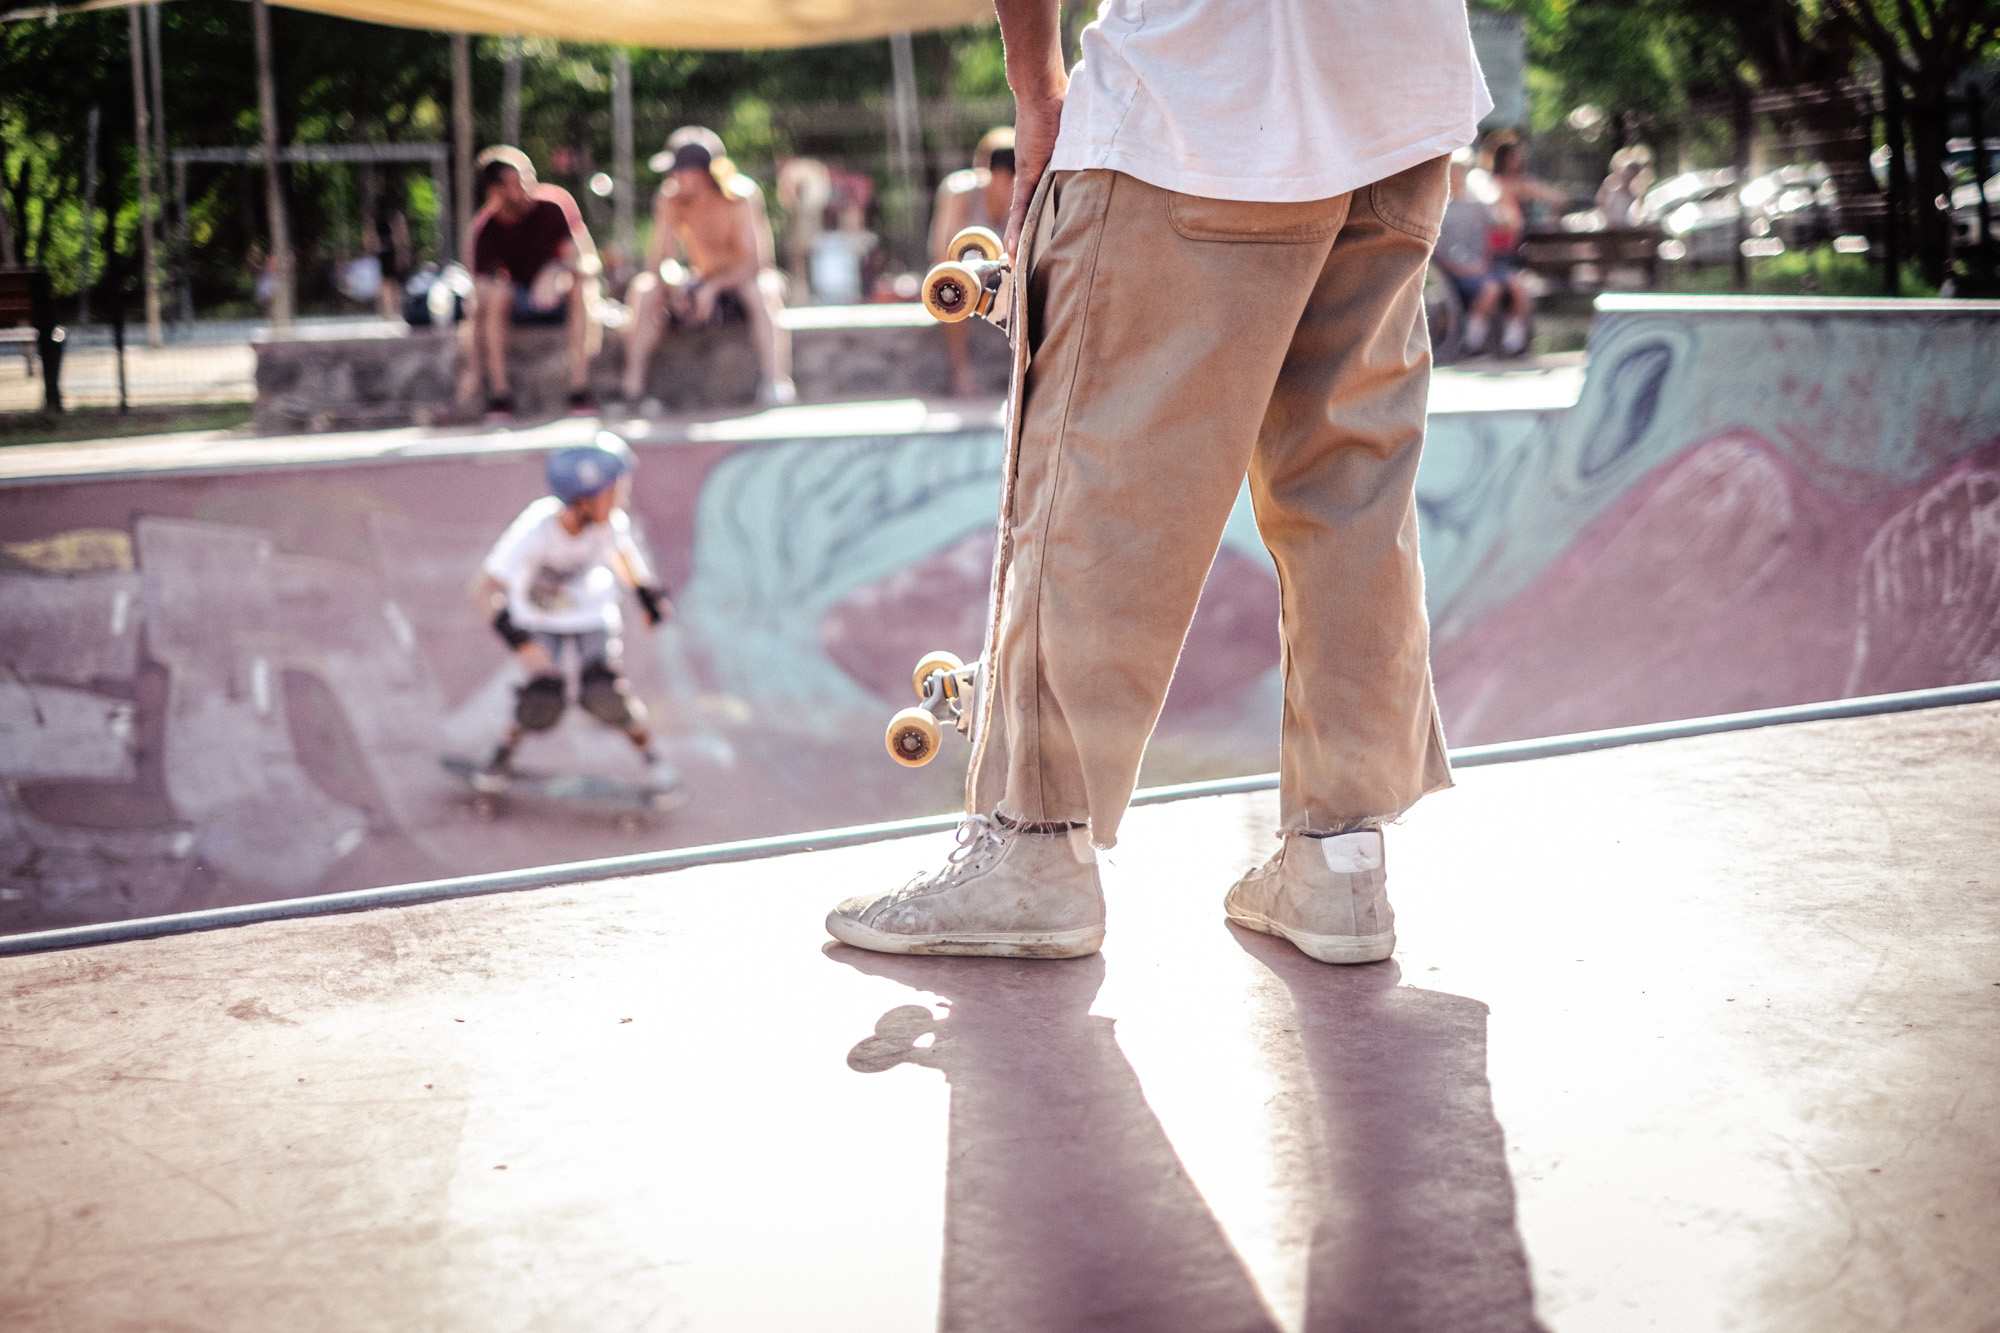 Skateboarding La Réunion - photo Damien Rossier